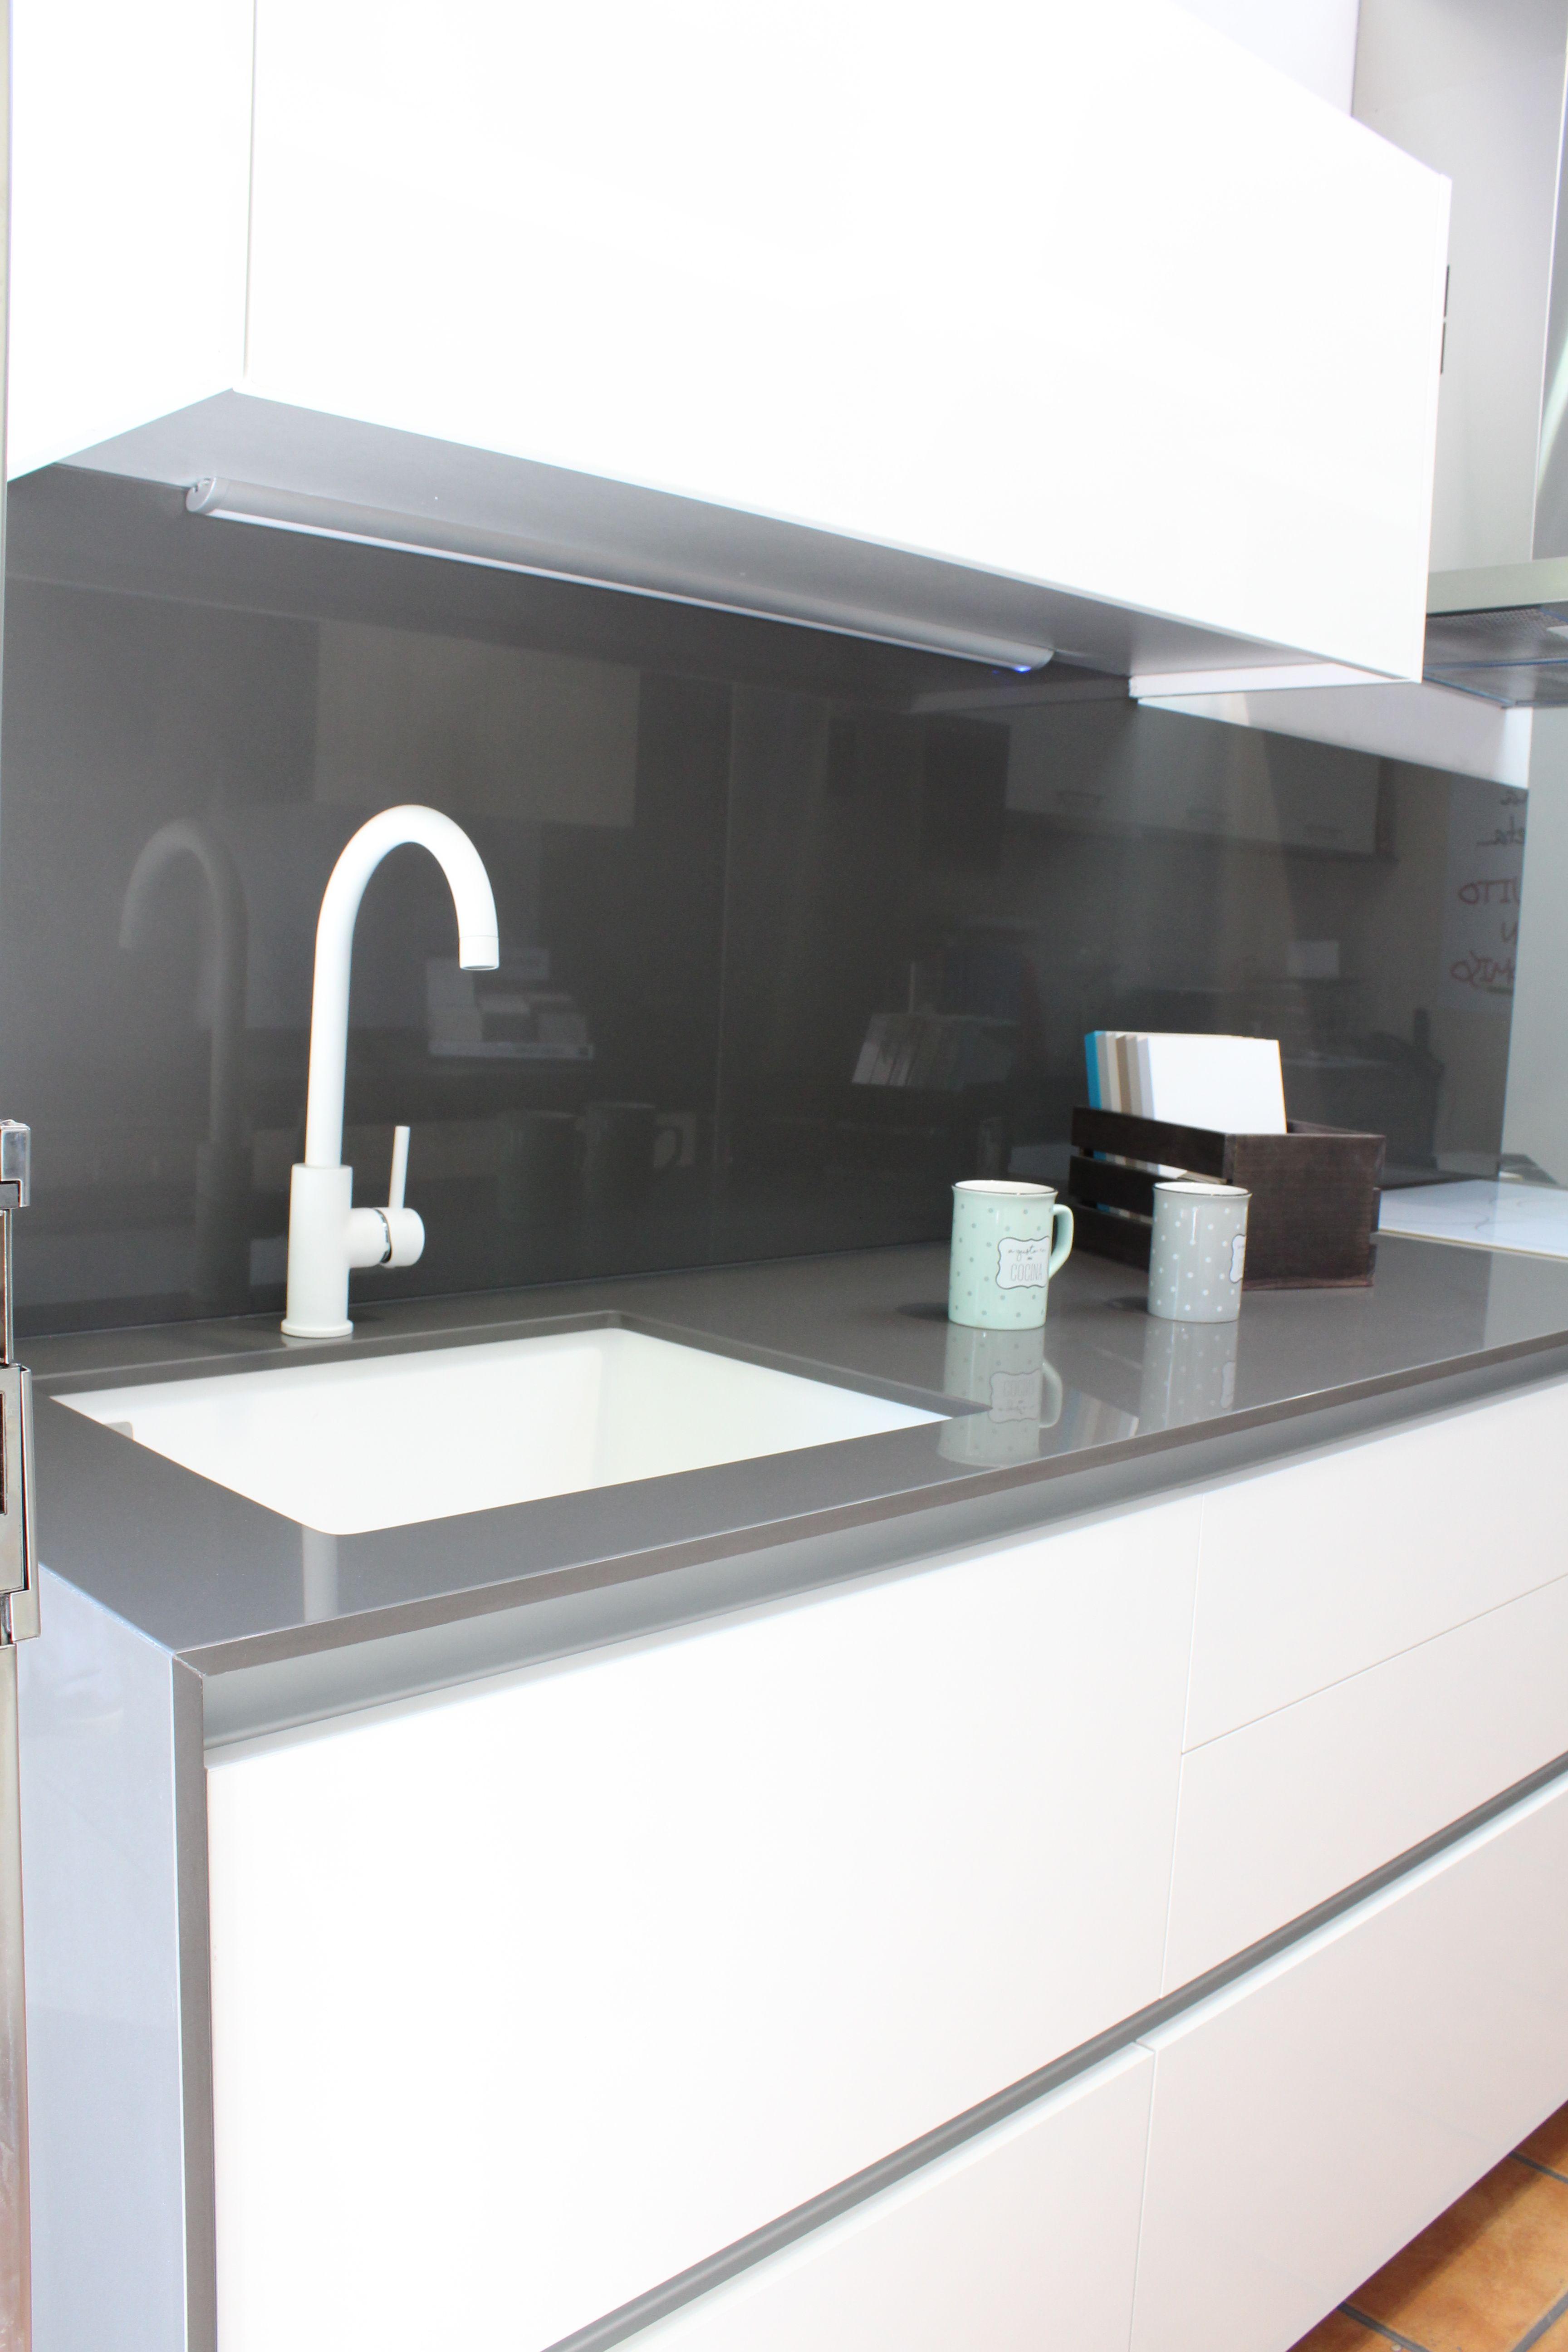 Foto 2 de Muebles de baño y cocina en Madrid | Muebles de Cocina Integralch